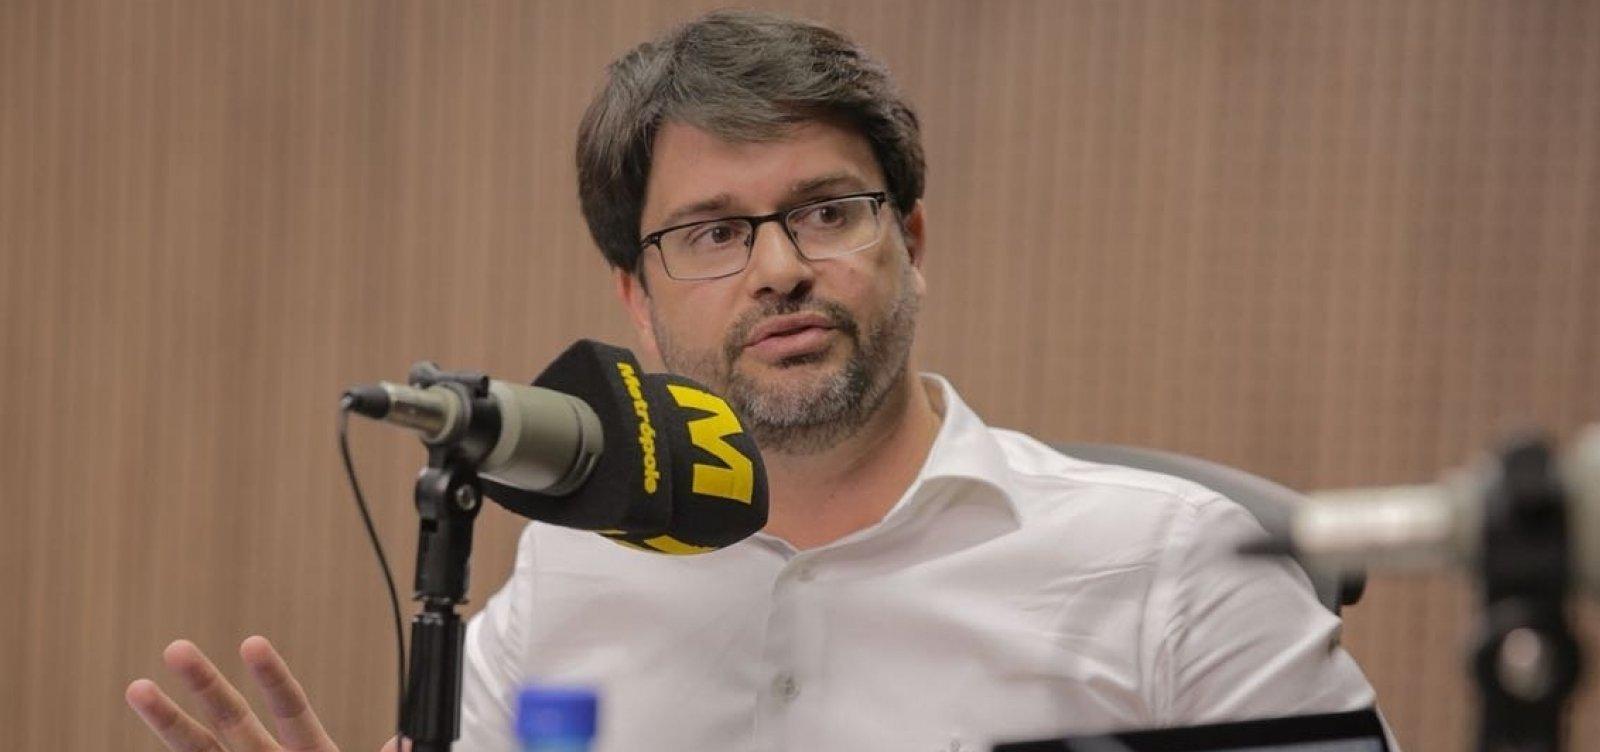 [Presidente do Bahia diz que atual modelo do VAR traz 'insegurança']